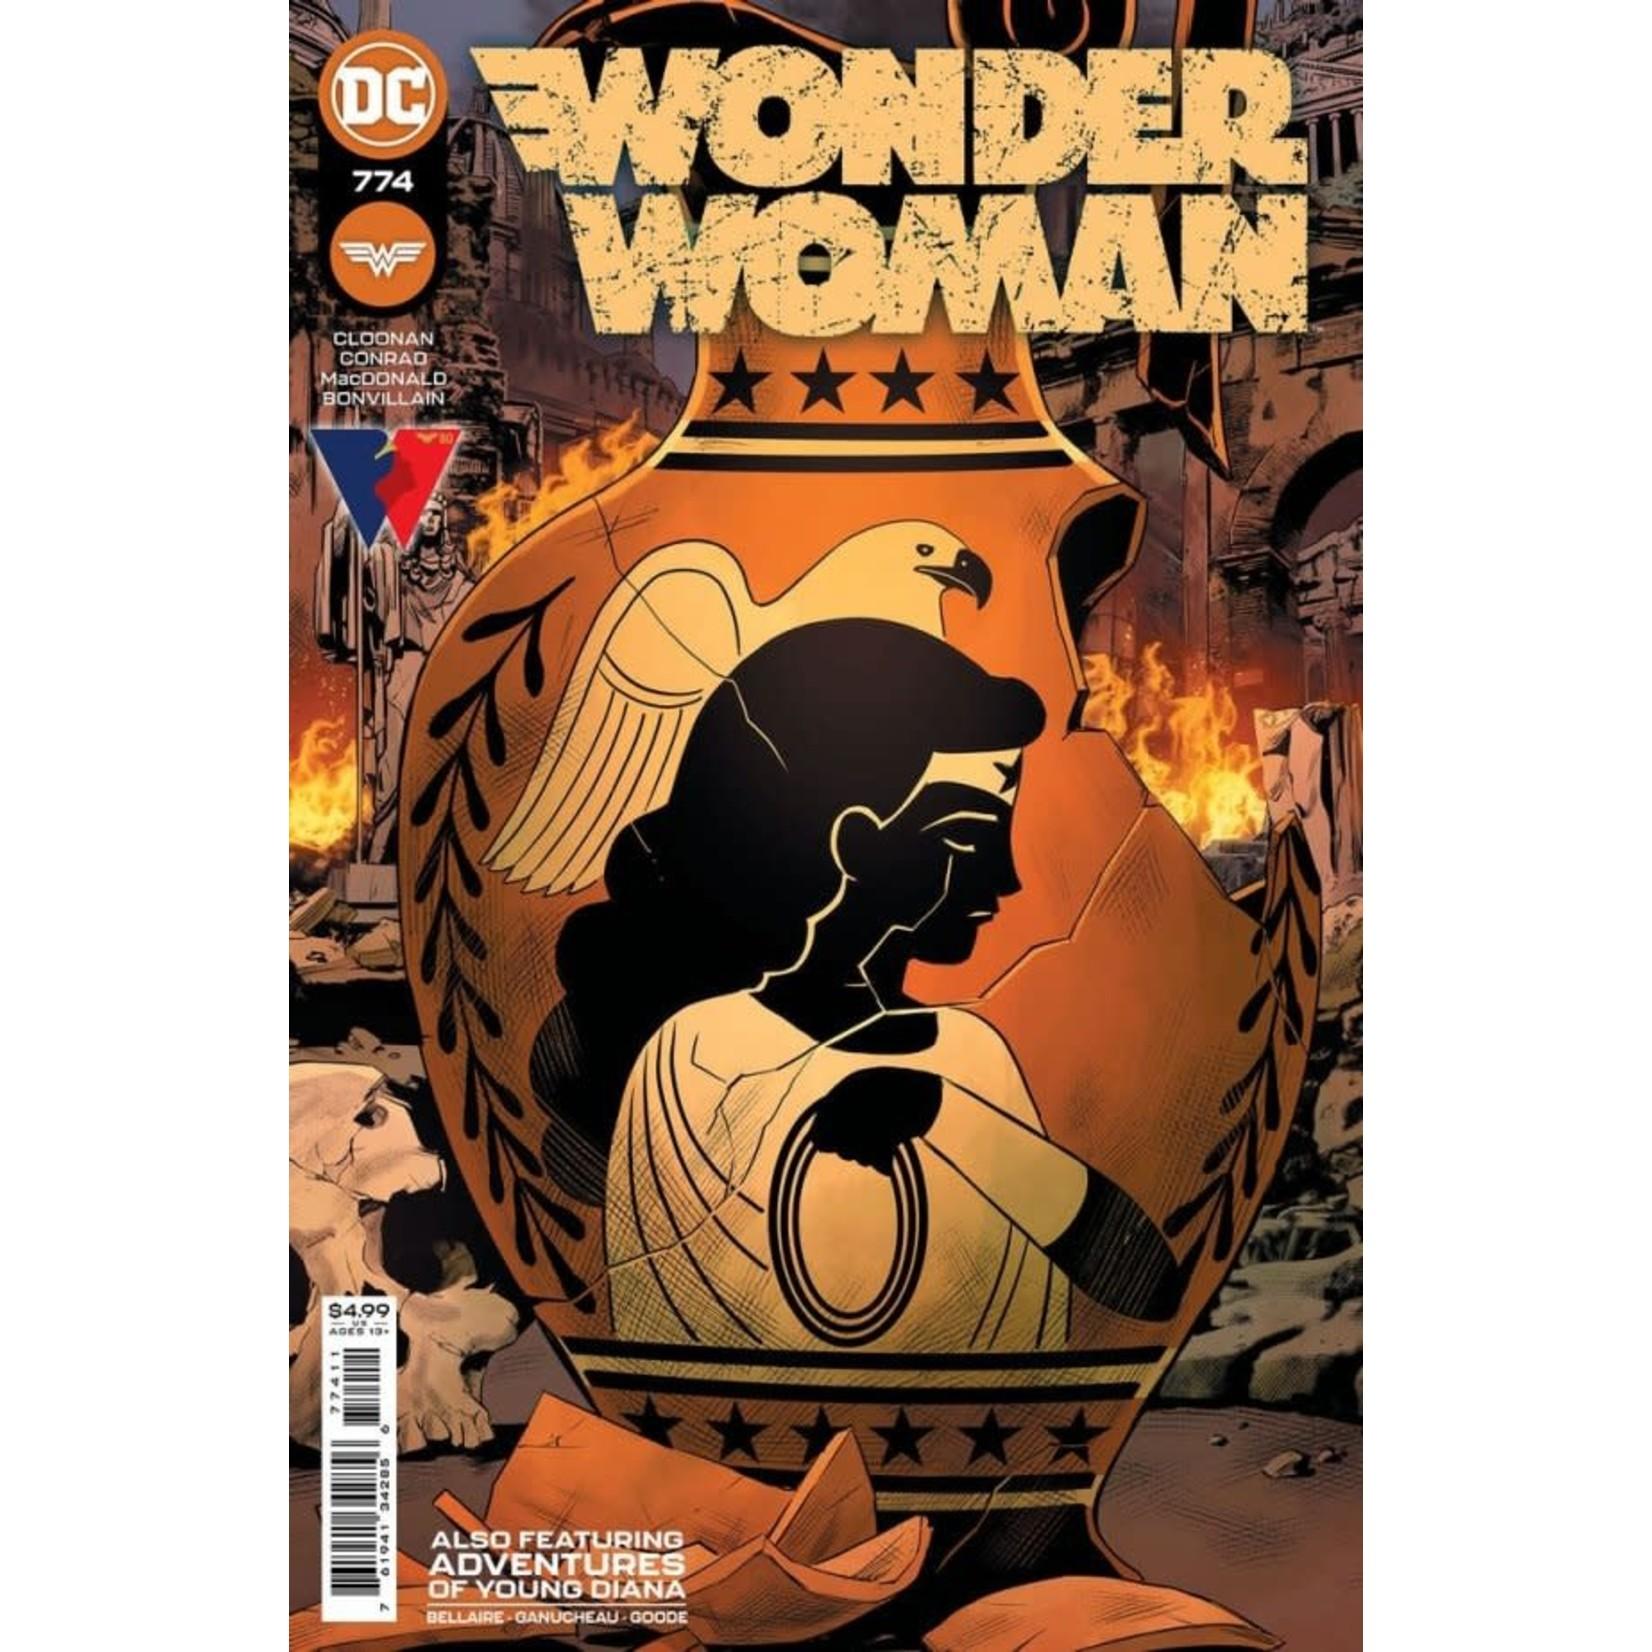 DC Comics Wonder Woman #774